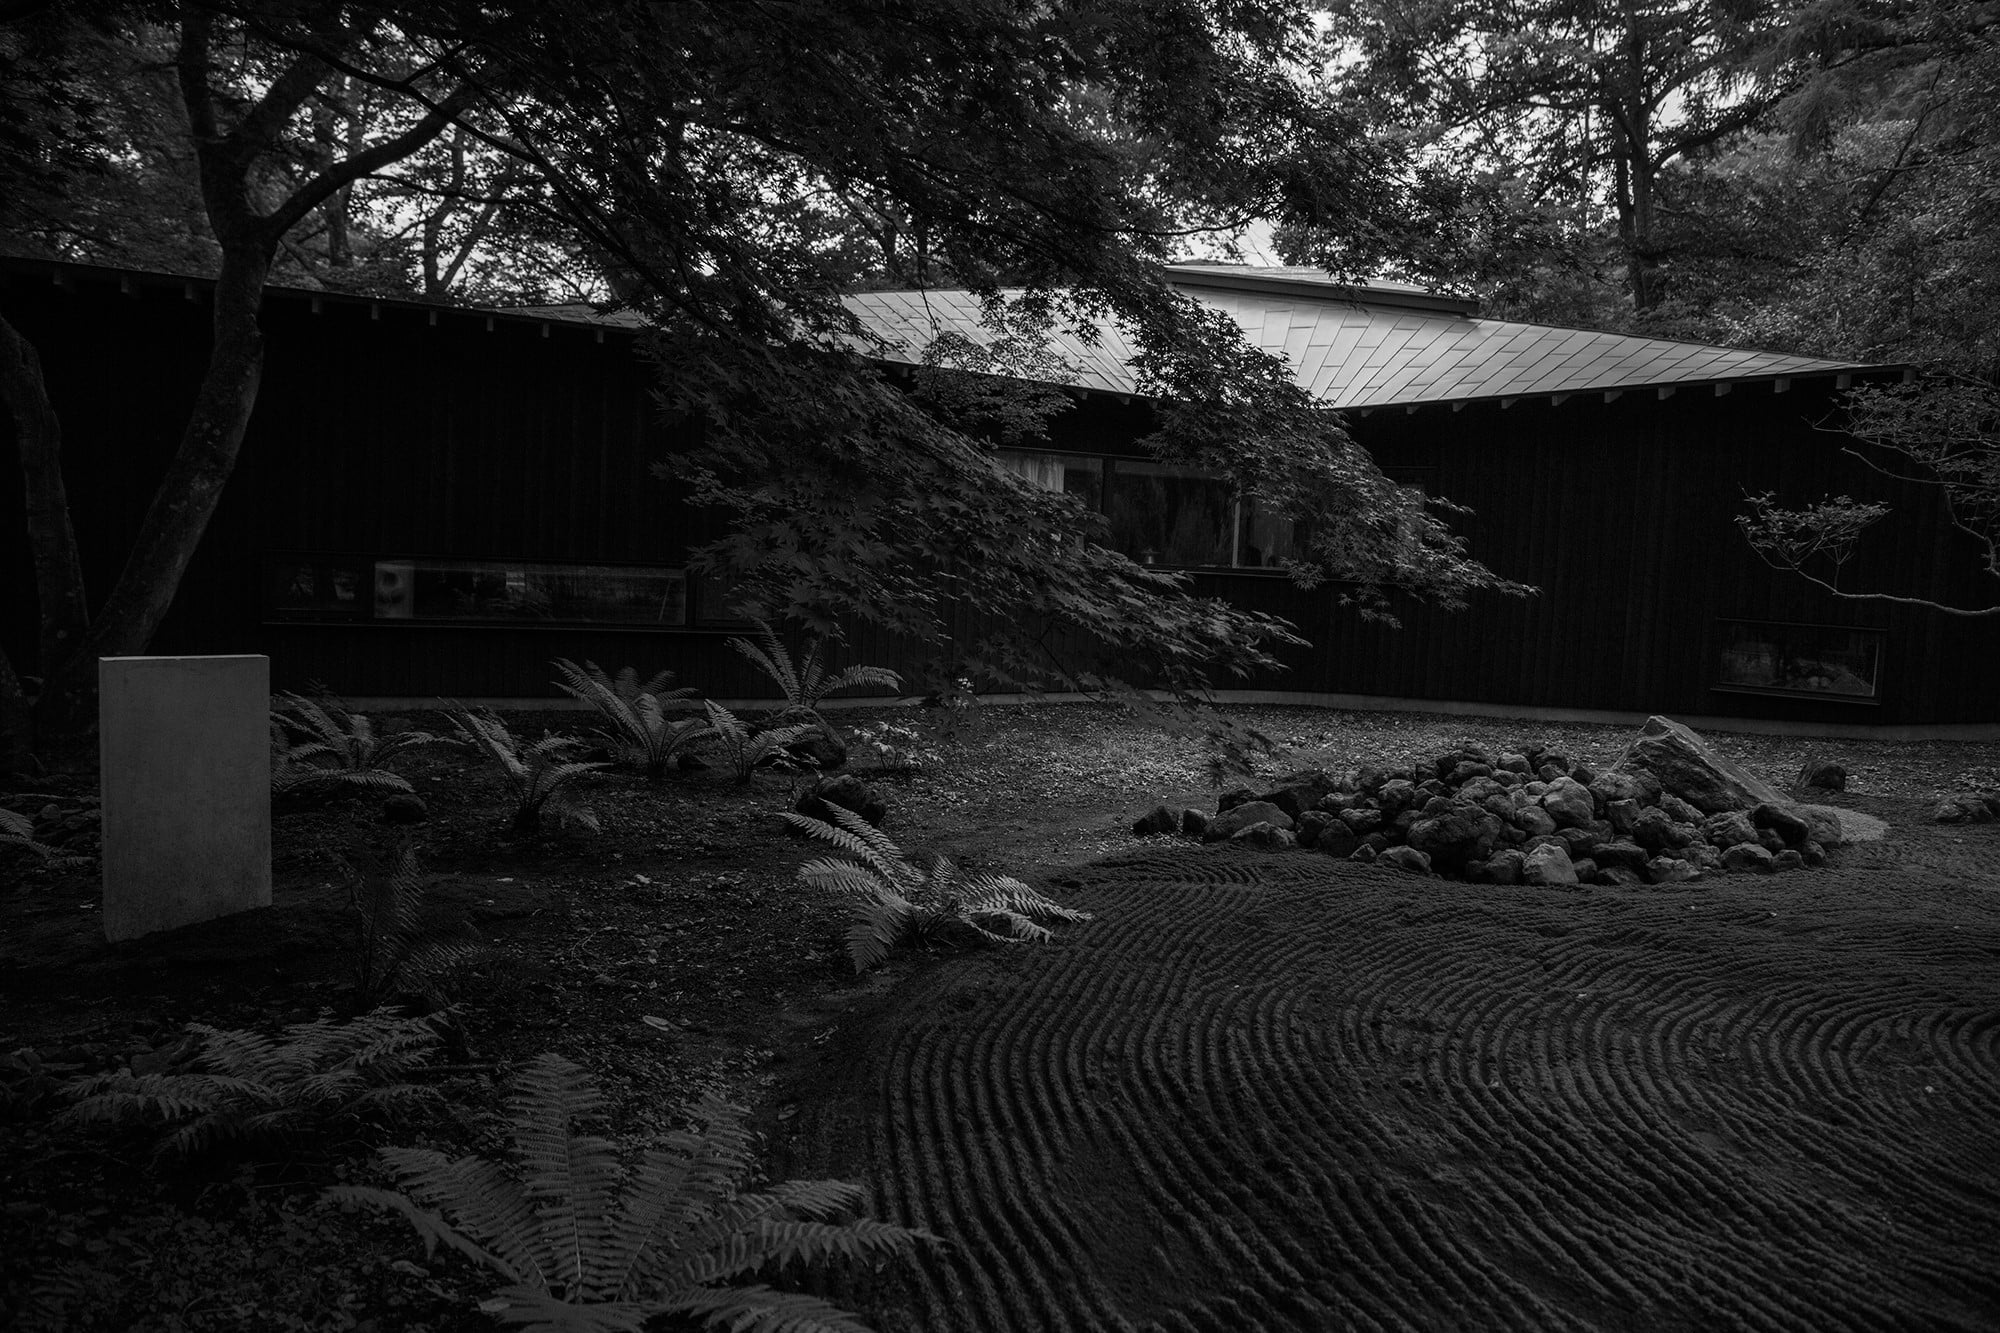 庭にはこの土地の岩を置き、黒い枯山水をつくった。日本の庭への思いは自然の模倣からはじまった。